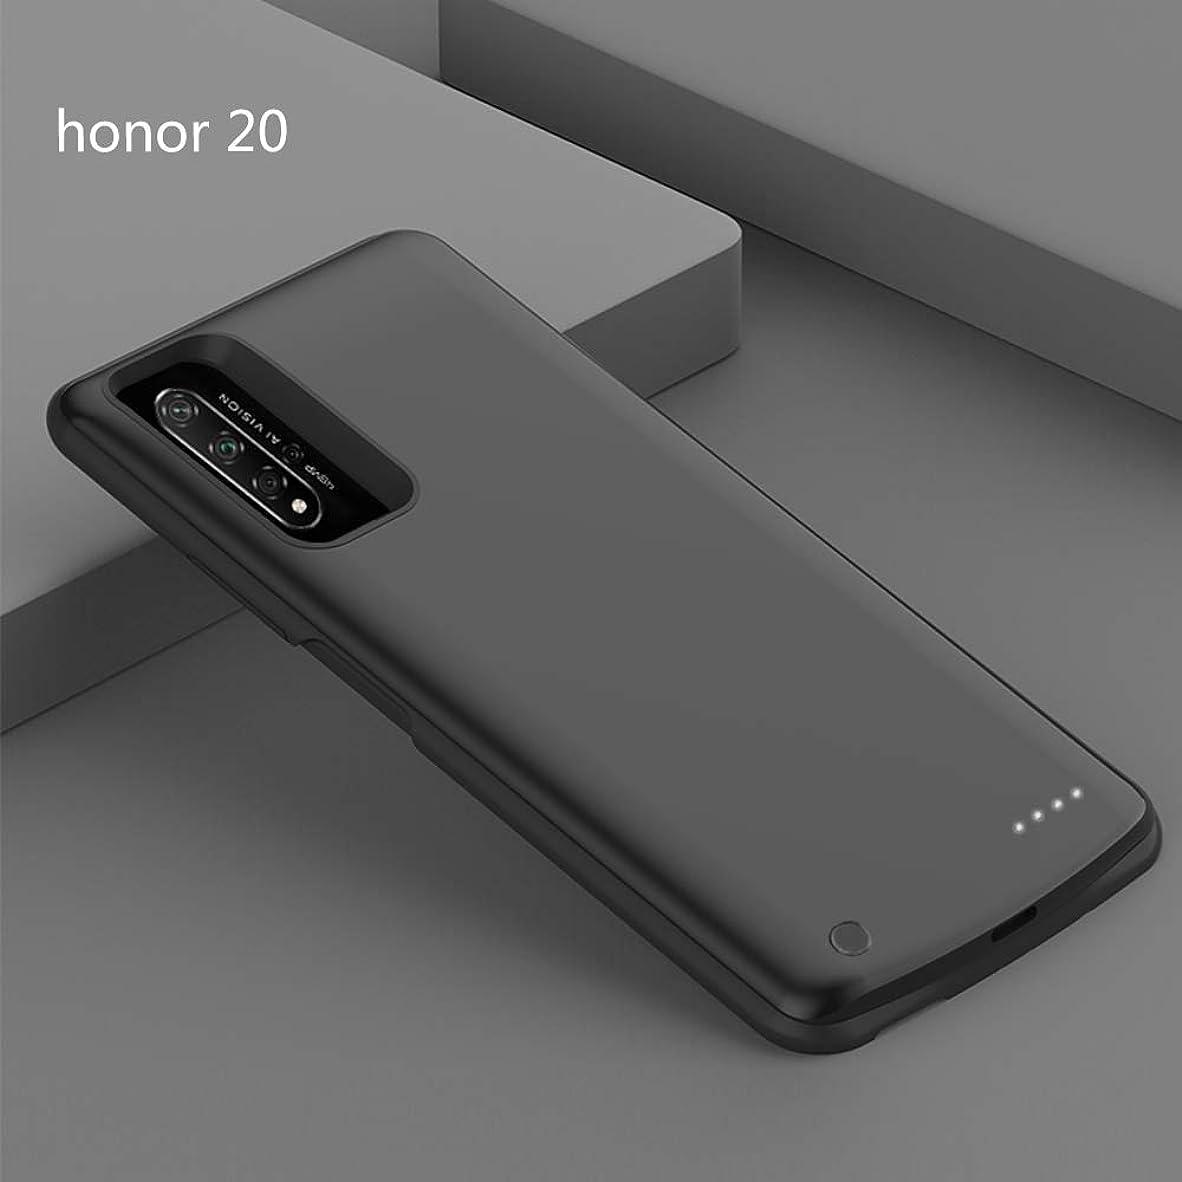 気難しい耐えられる曲MoonminiHuawei Honor 20 Pro 6500mAh Battery用バッククリップバッテリー、急速充電および長寿命バッテリー寿命、携帯電話の保護を提供しながら,Huawei Honor 20 Pro 6500mAh Batteryに対応Black